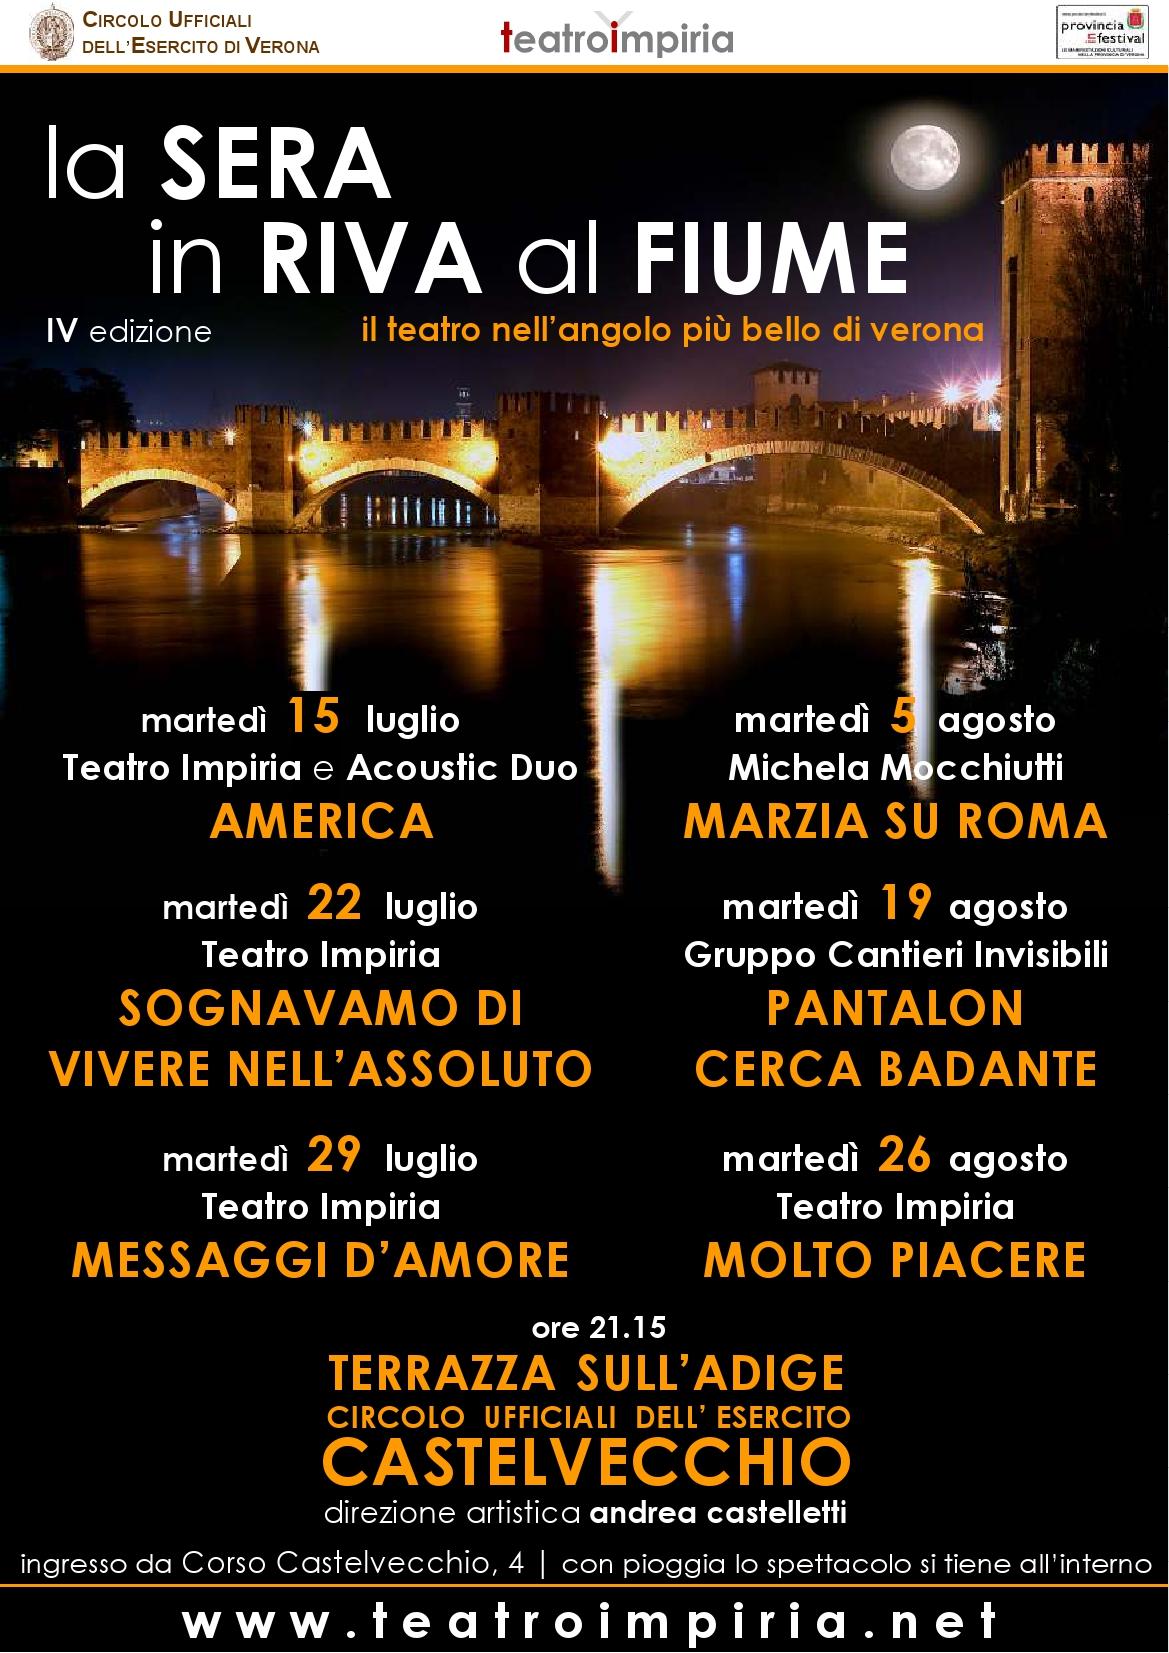 castelvecchio-teatro-impiria-estate-verona-castelletti-terrazza-adige